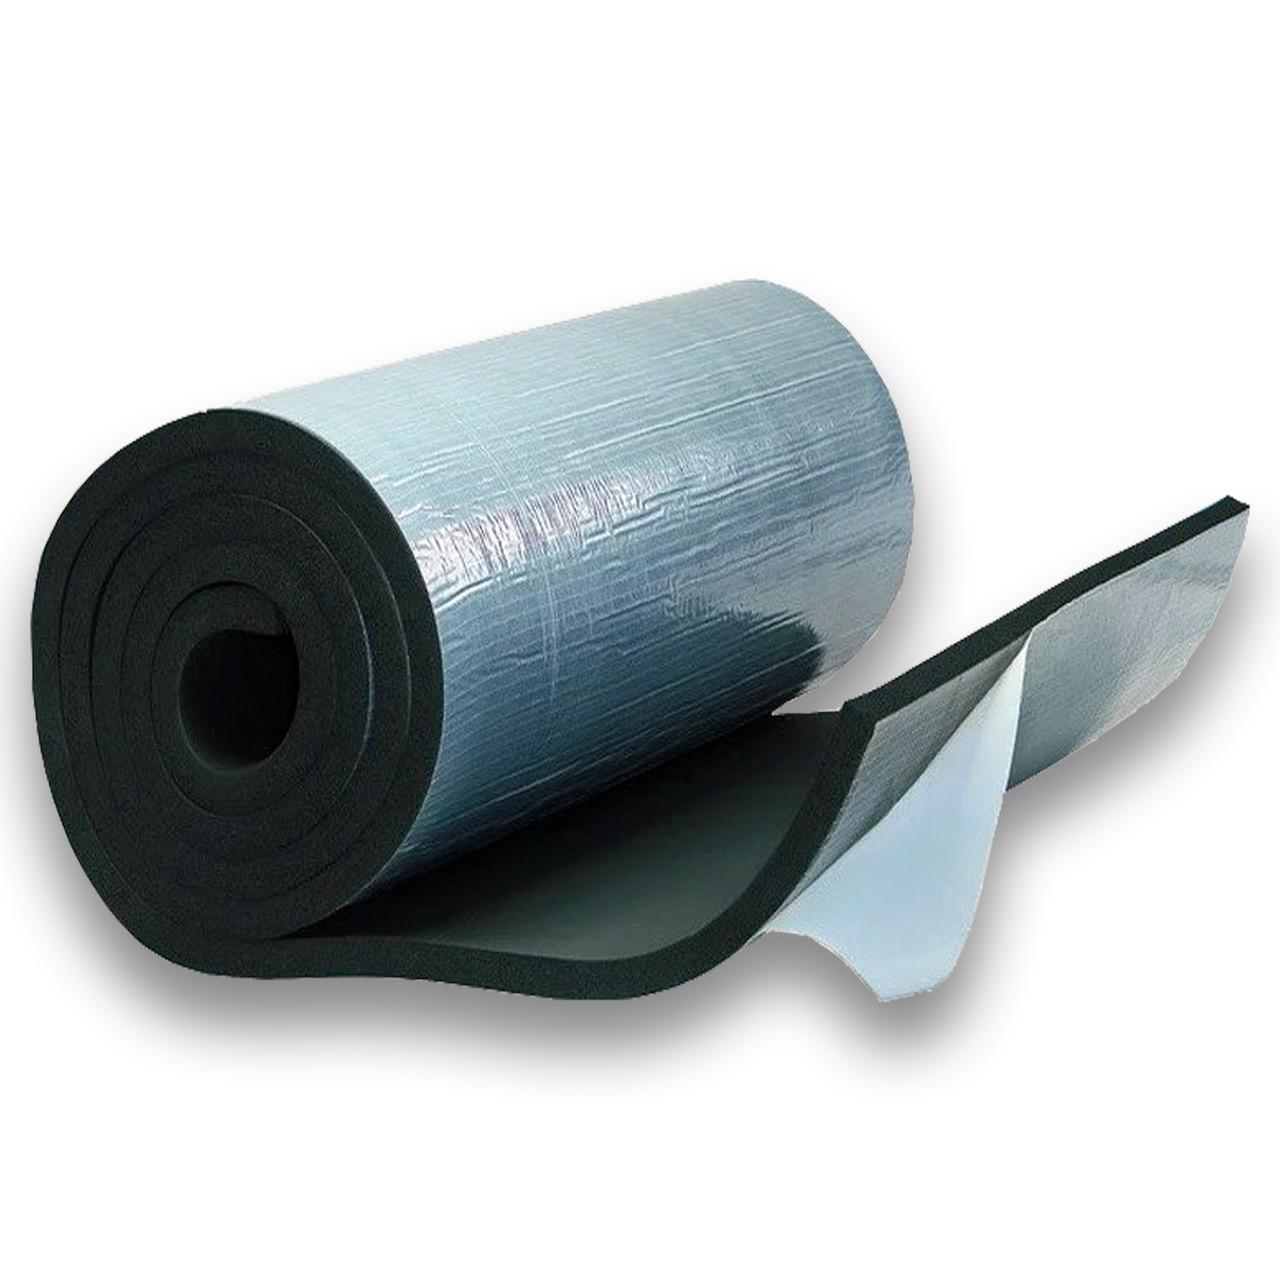 Шумоизоляция каучуковая самоклеющаяся 9 мм